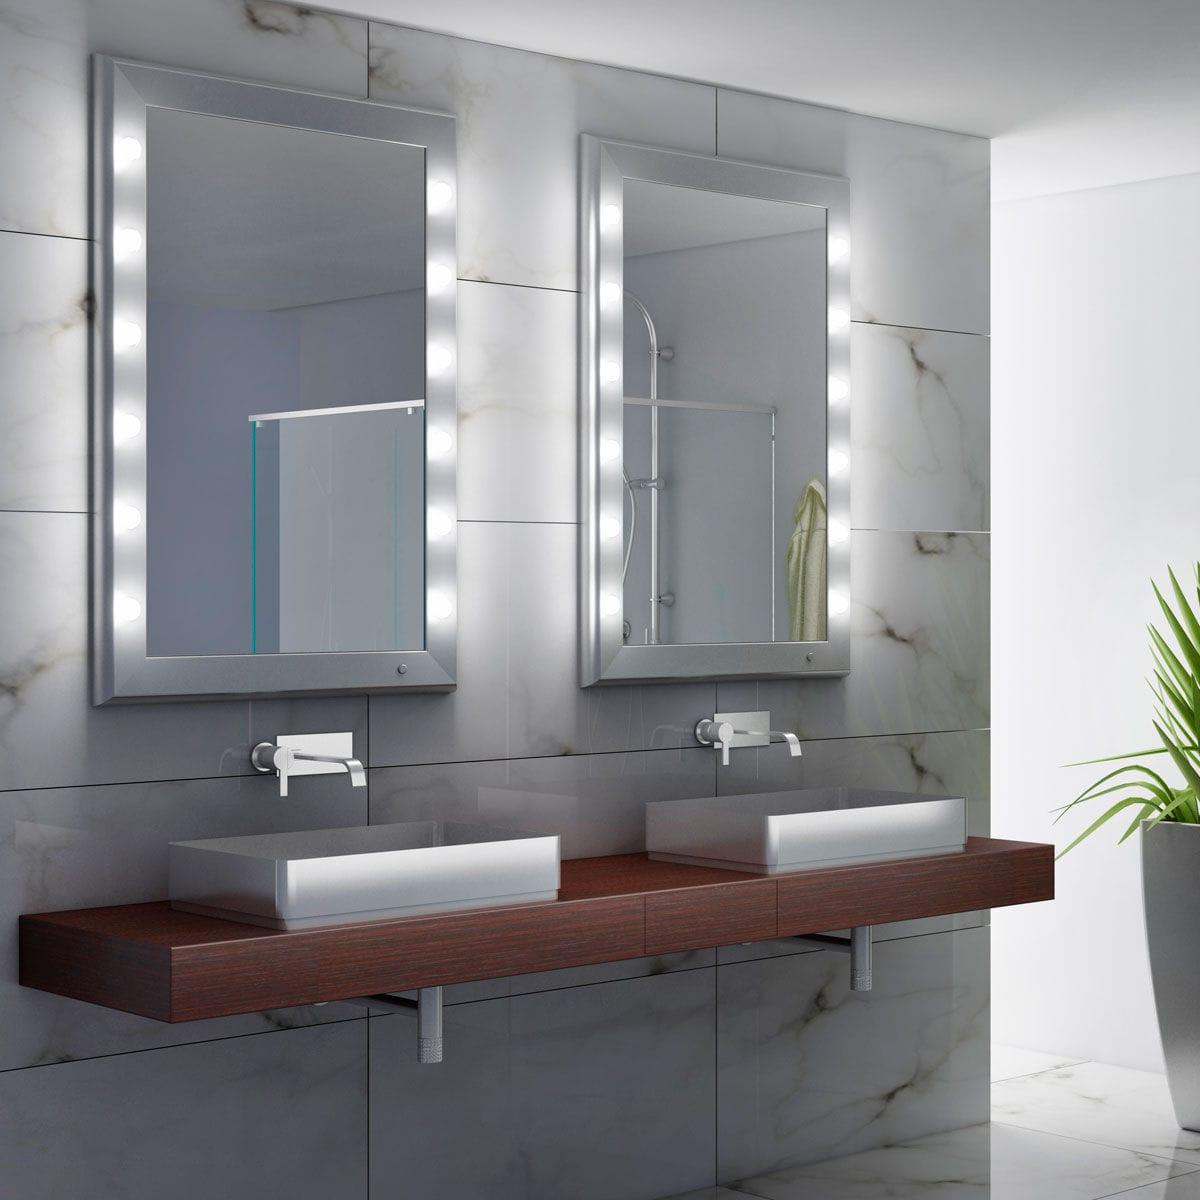 Luces Para Espejos De Bano.Espejo Para Bano De Pared Con Luz Para Dormitorio Suspendido